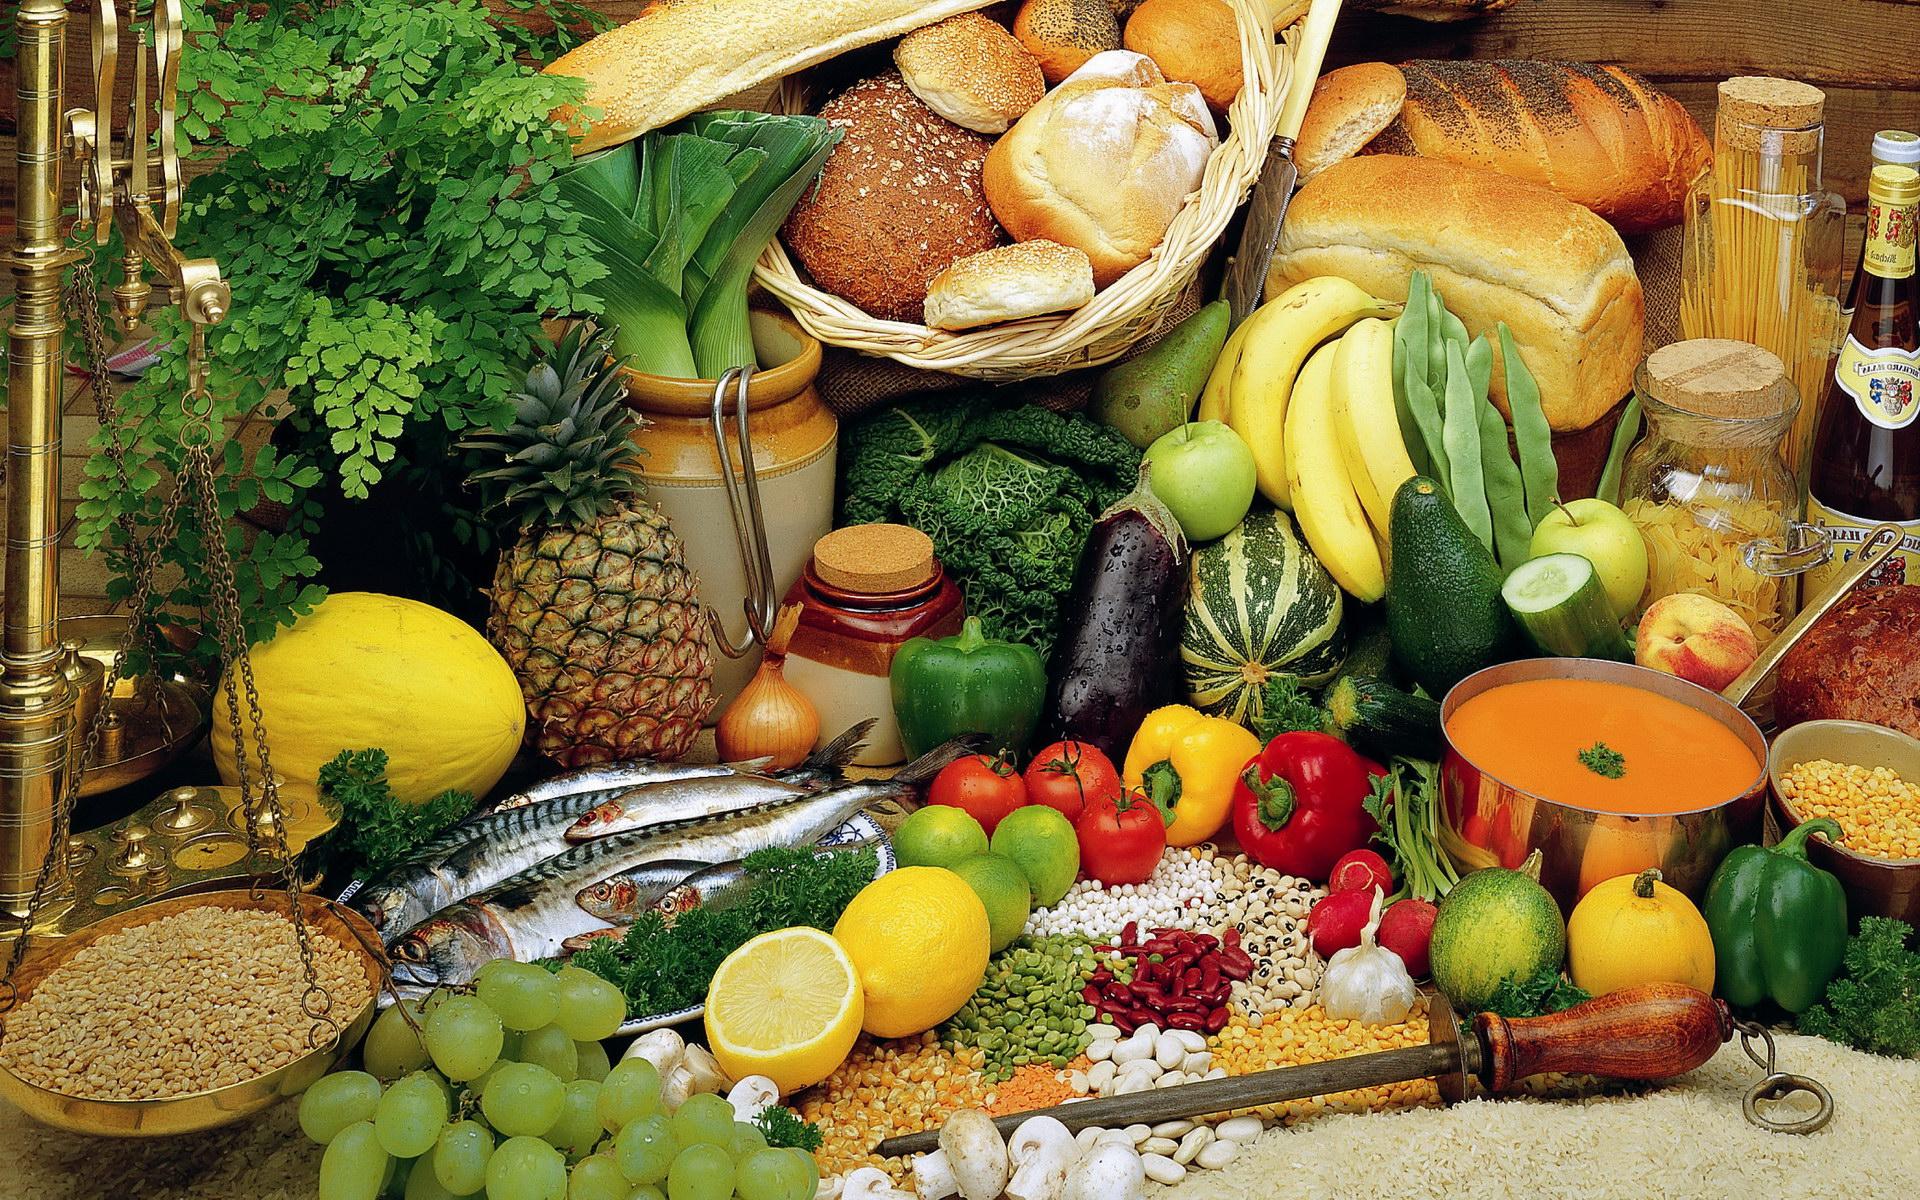 Legacy immateriale di Expo 2015: il diritto al cibo